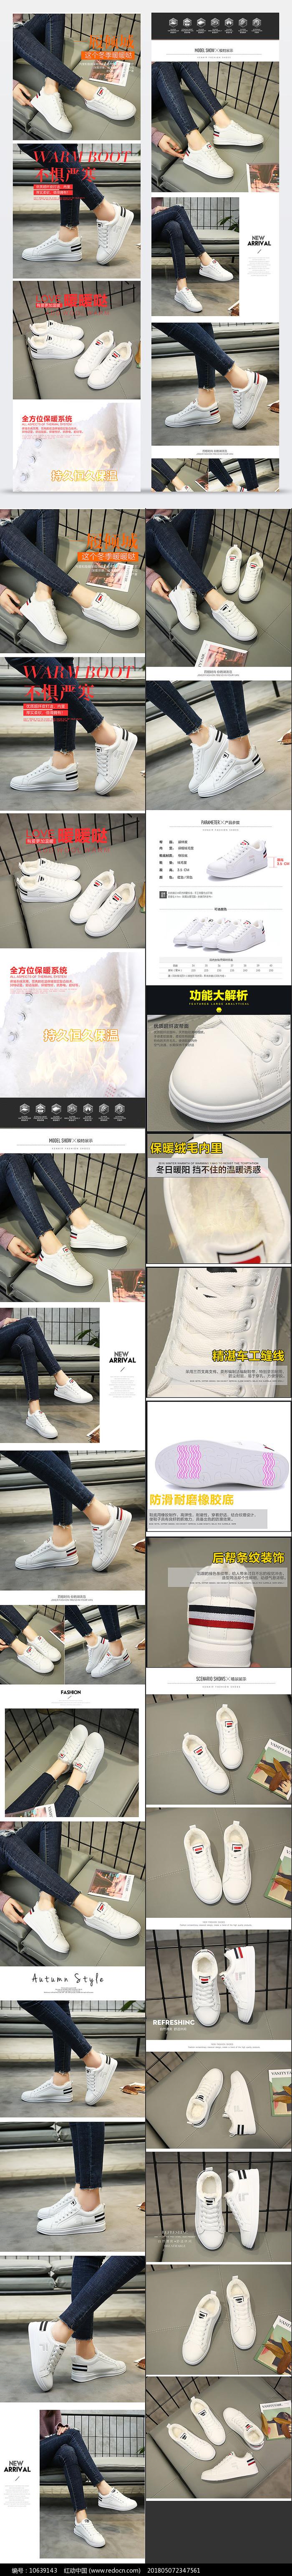 冬季保暖小白单鞋psd分层模版